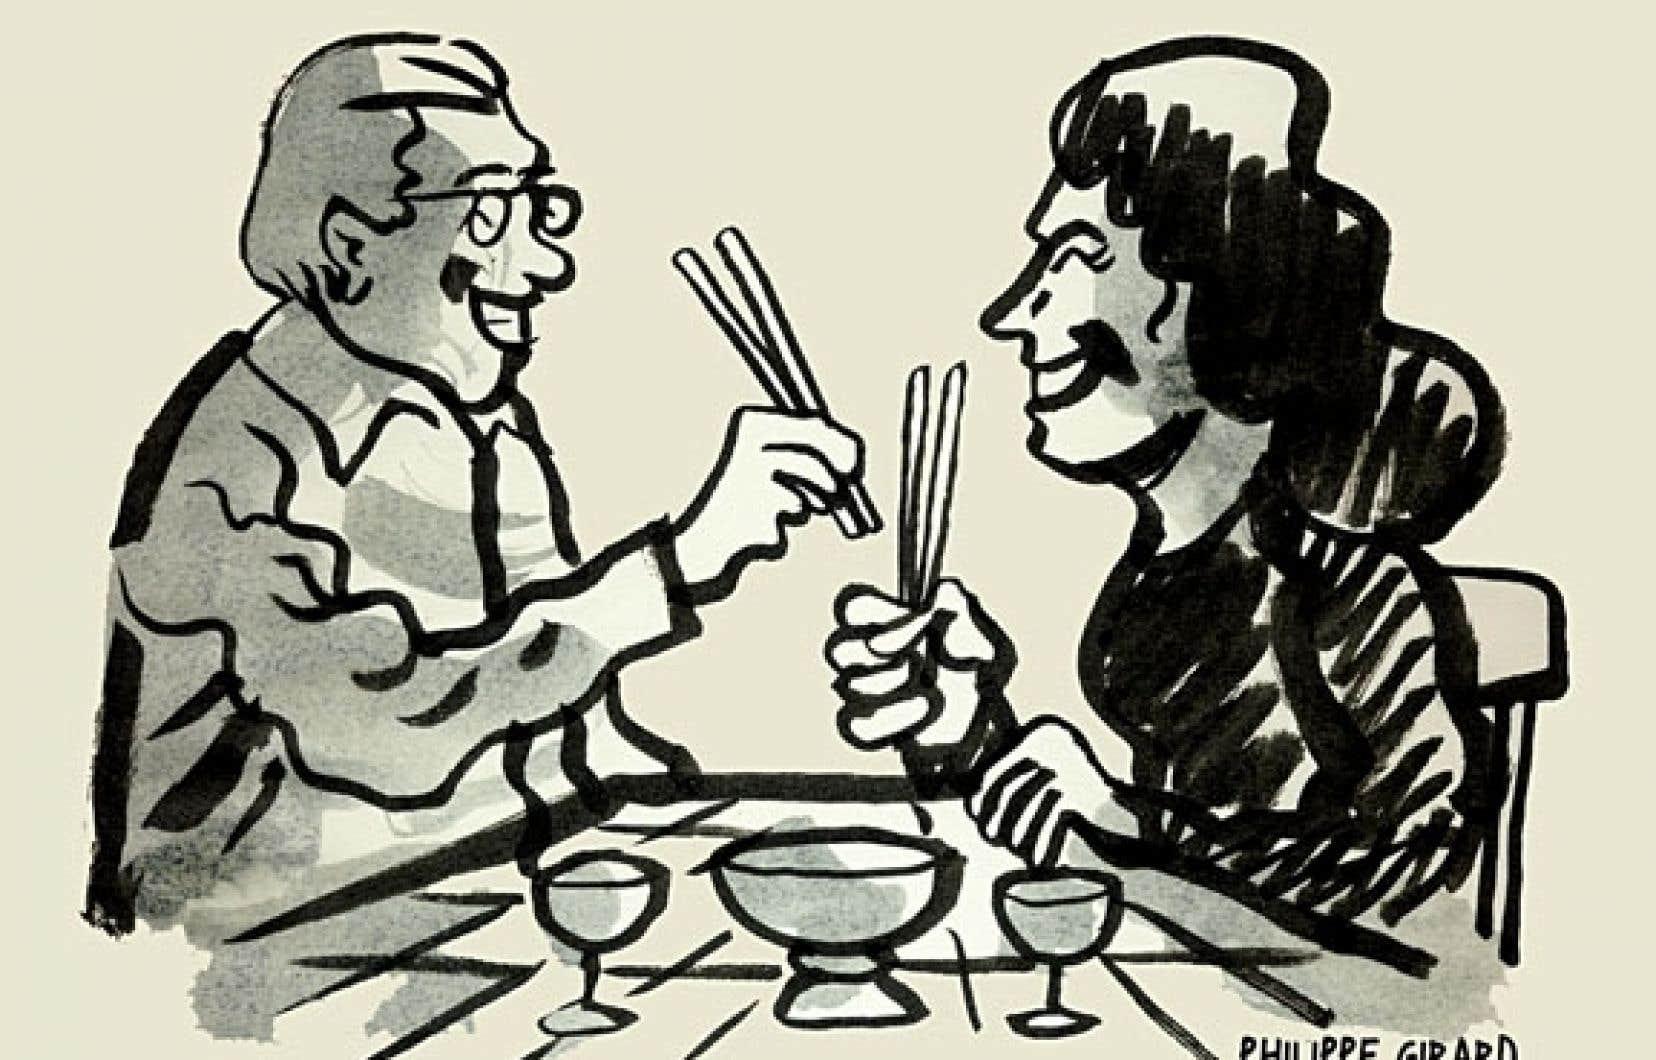 Cette illustration de l'auteur de bande dessinée Philippe Girard a été inspirée par une nouvelle en 140 caractères de Yann Martel : « La Terre ? Nous l'avons mangée hier. »